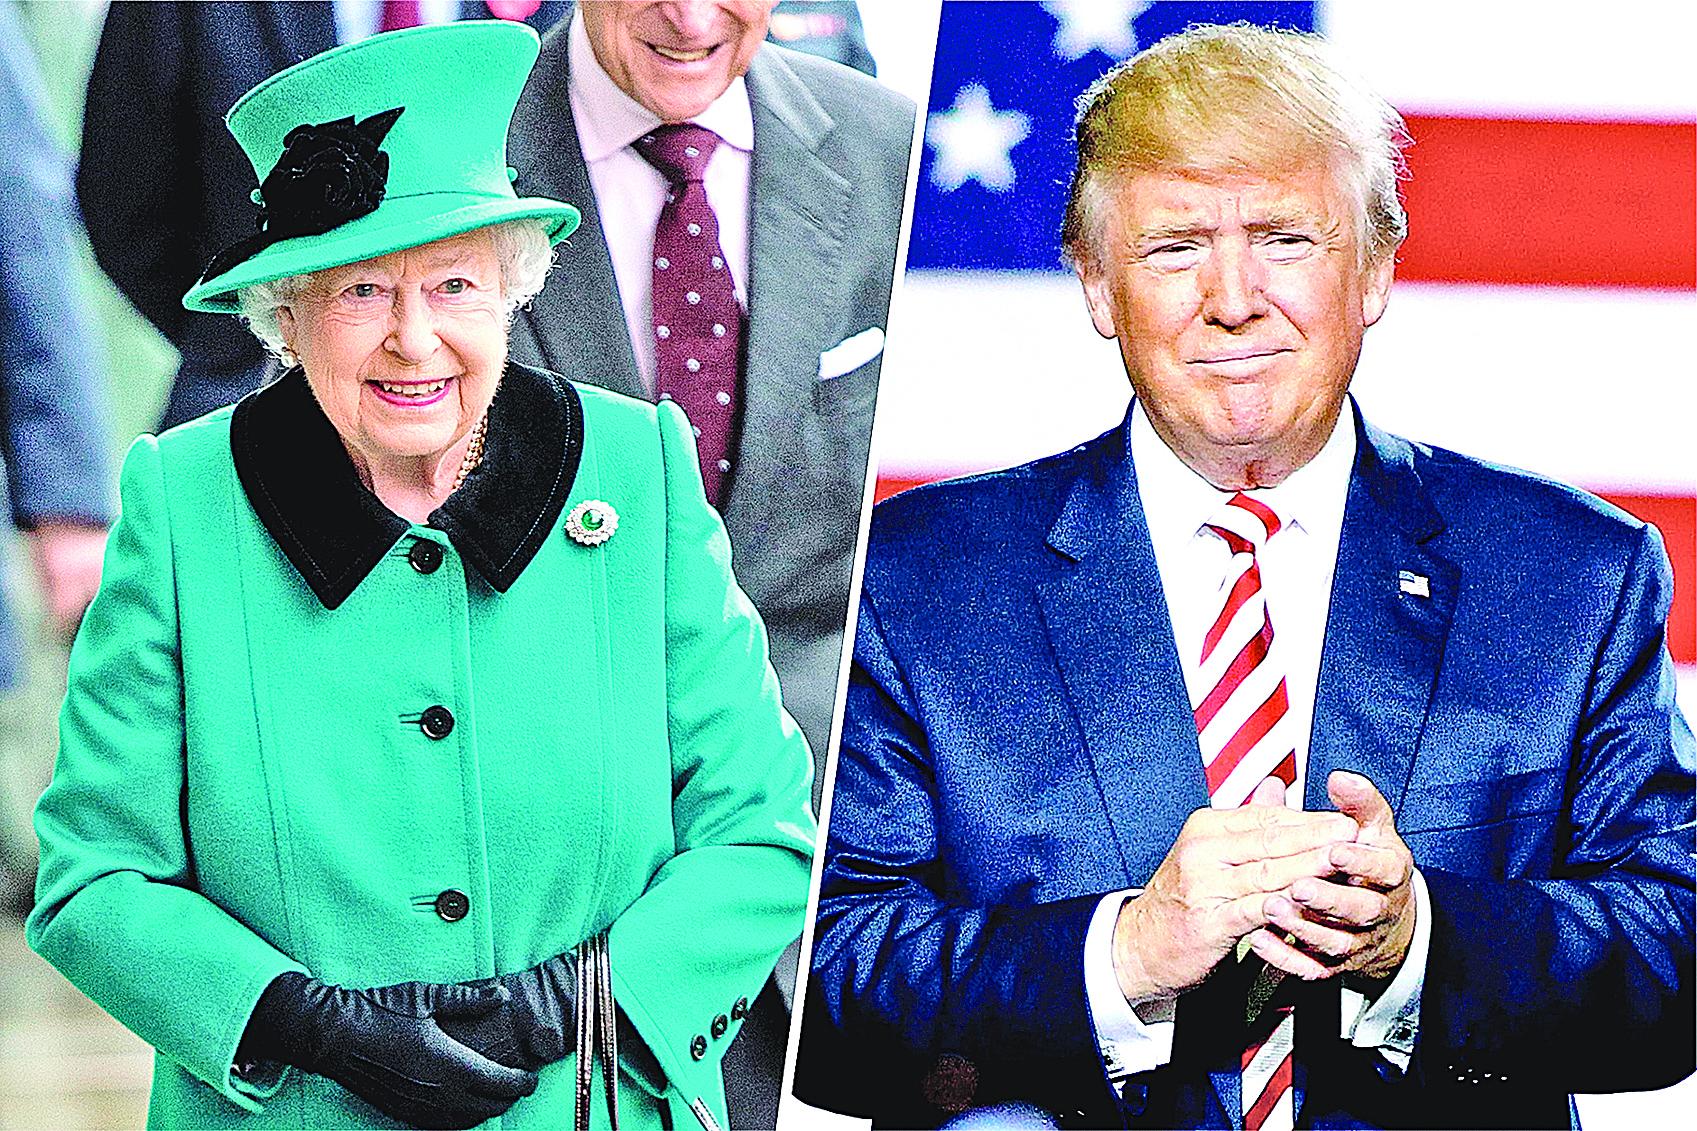 特朗普尚未就職,就受到女王邀請訪英,而2名前任小布殊和奧巴馬就職已久才接獲邀請。(Getty Images)